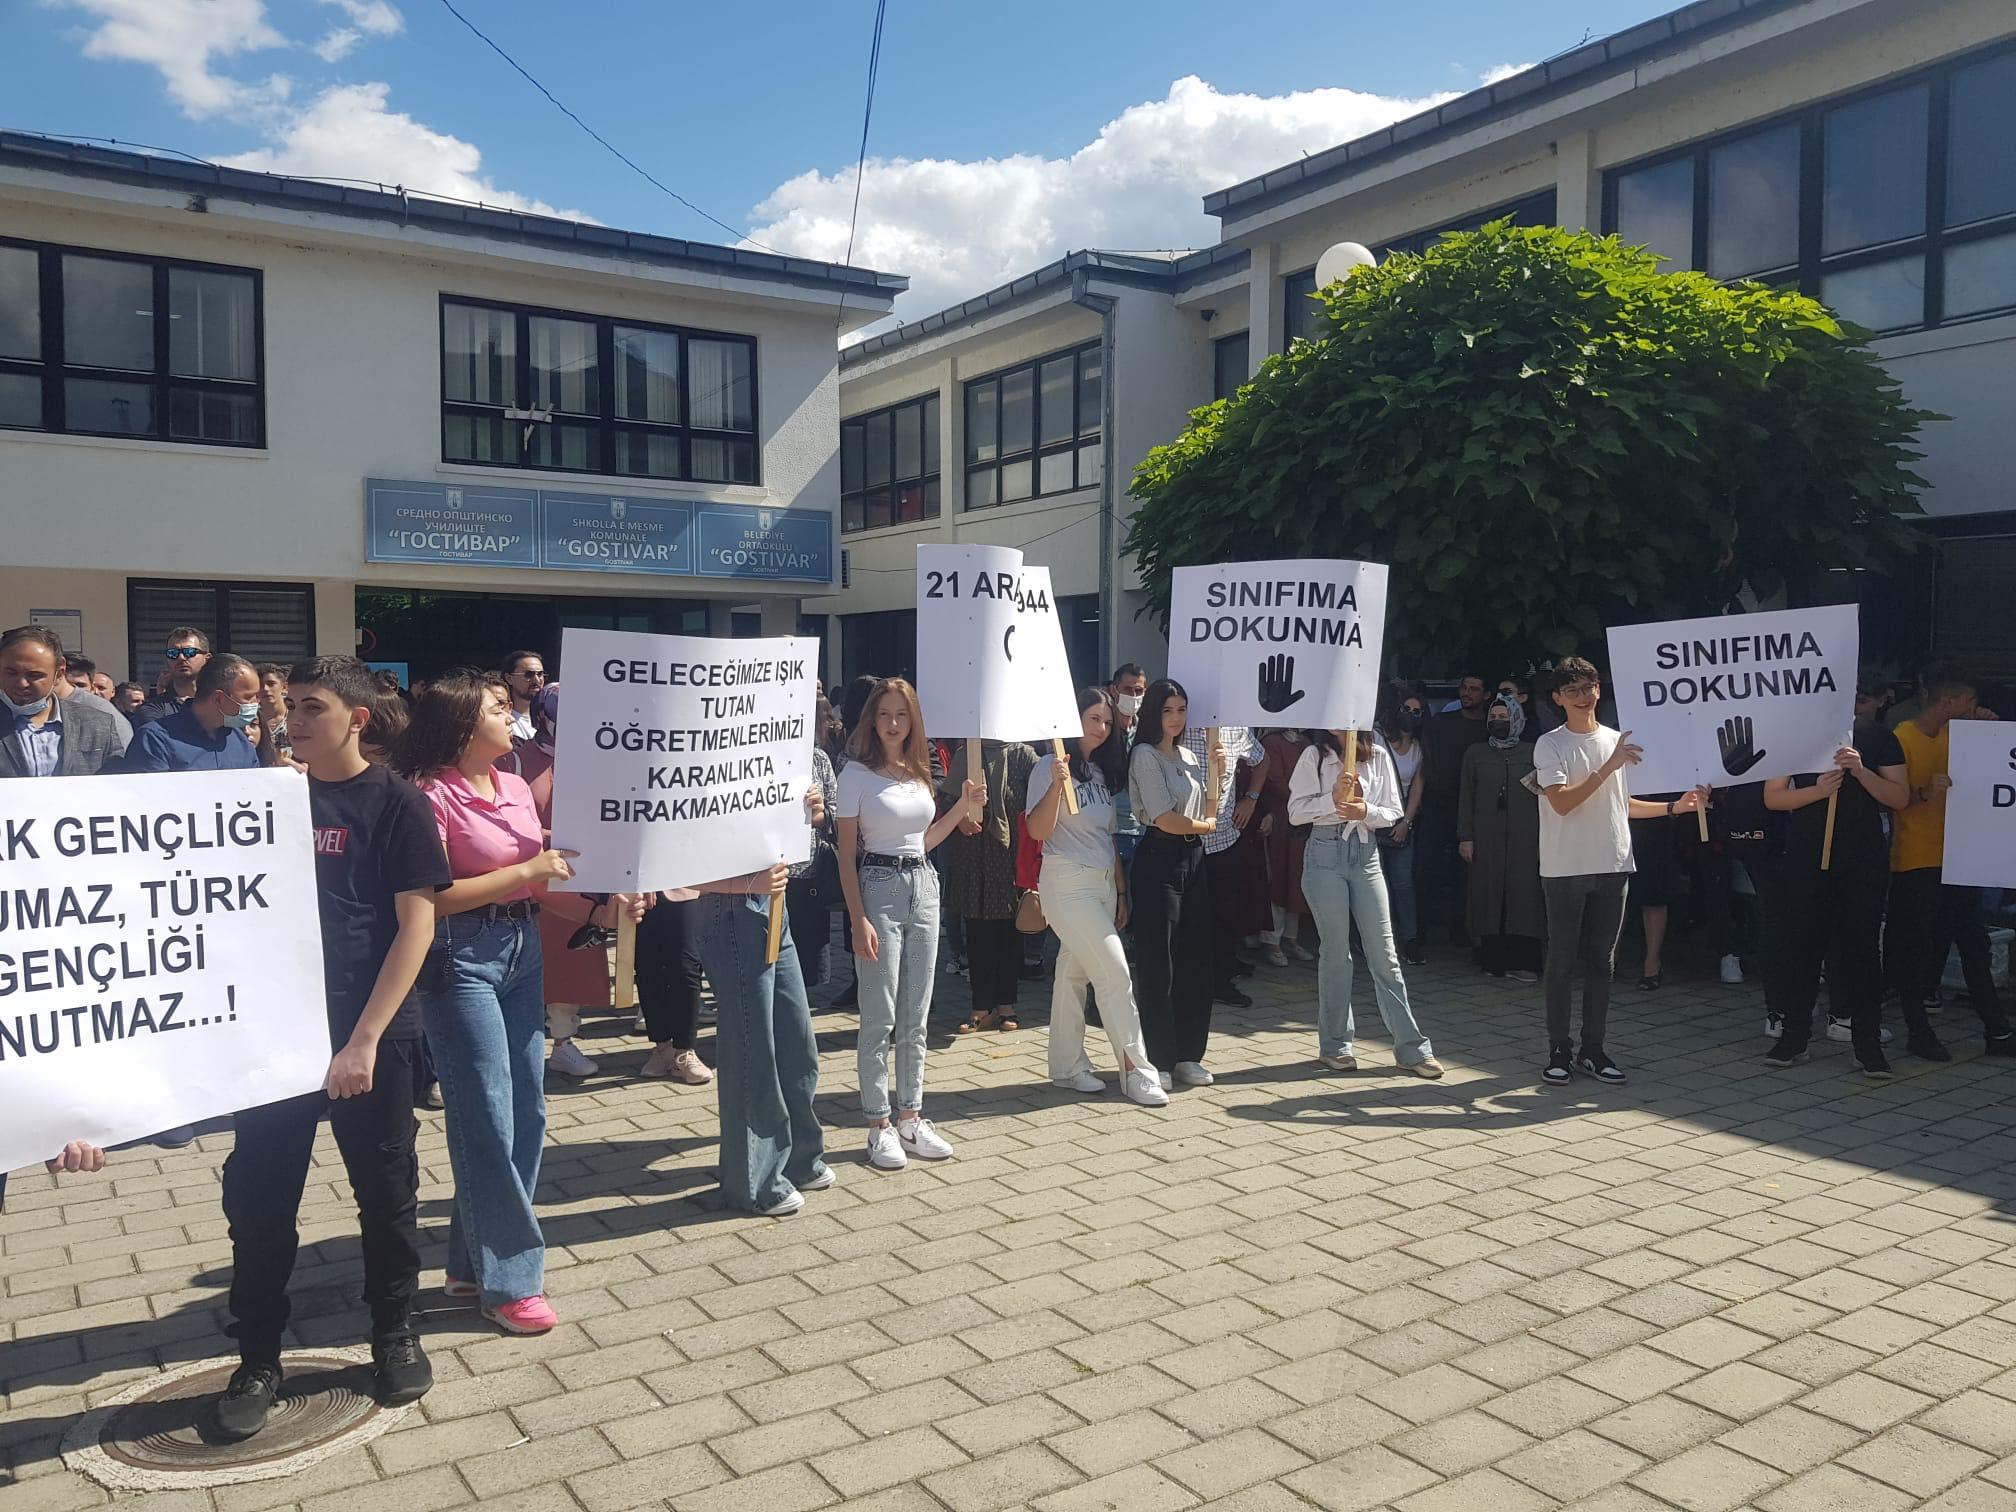 Gostivar'daki Türkçe sınıf sıkıntısı çözüme kavuştu